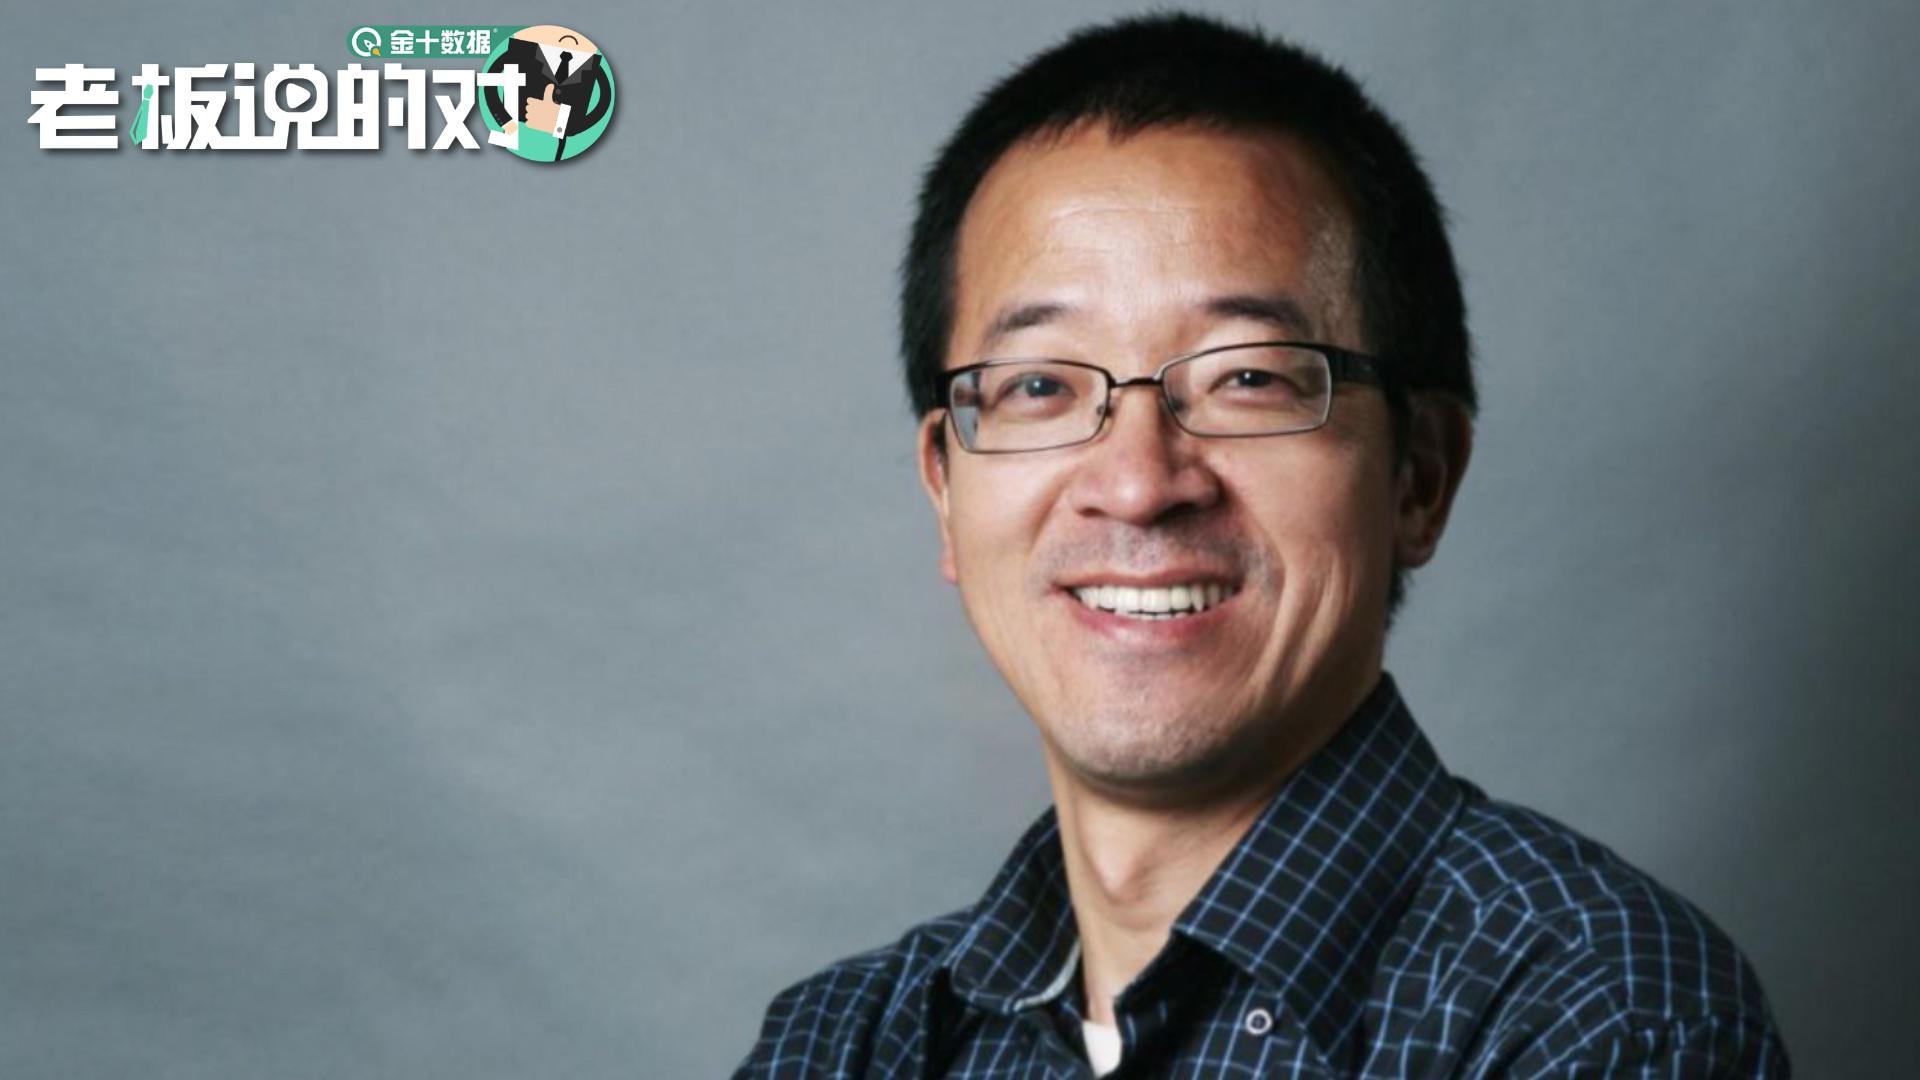 俞敏洪:朋友间利益要讲清楚!我跟王强、徐小平就曾打得死去活来